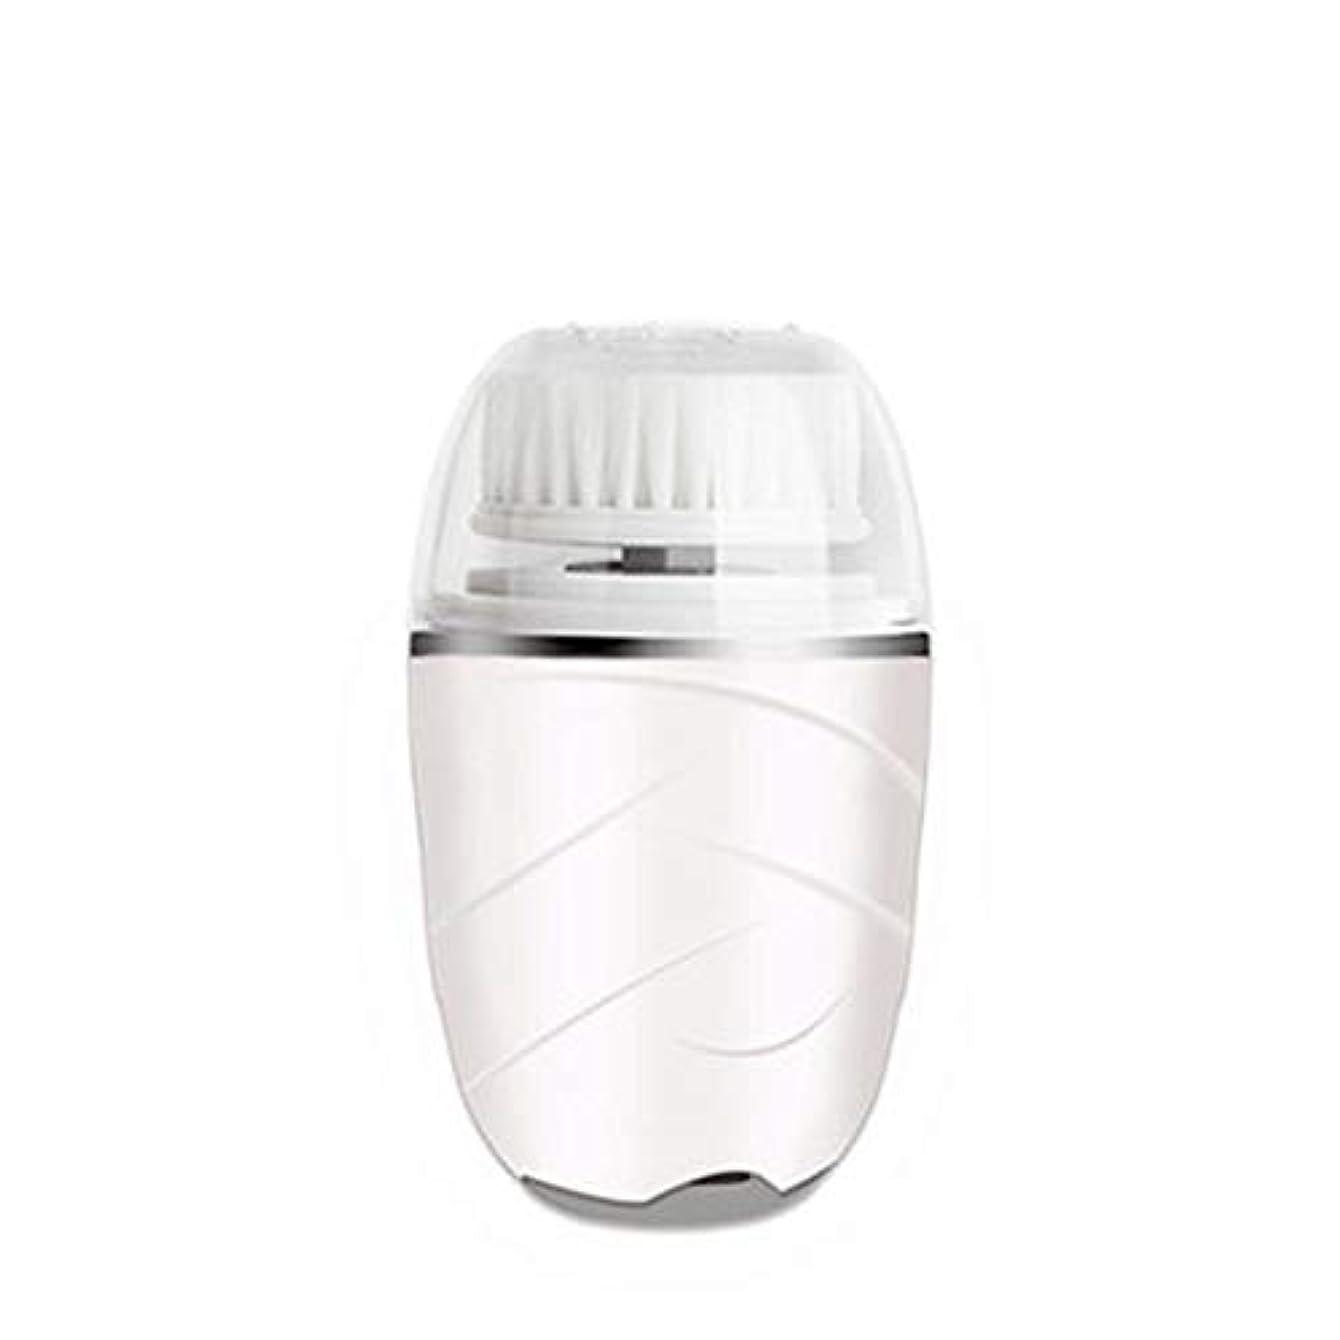 設置クレジット逸話HEHUIHUI- クレンジングブラシ、防水ディープクレンジングポア、電気剥離、にきび、アンチエイジングクレンジングブラシ(ピンク) (Color : White)